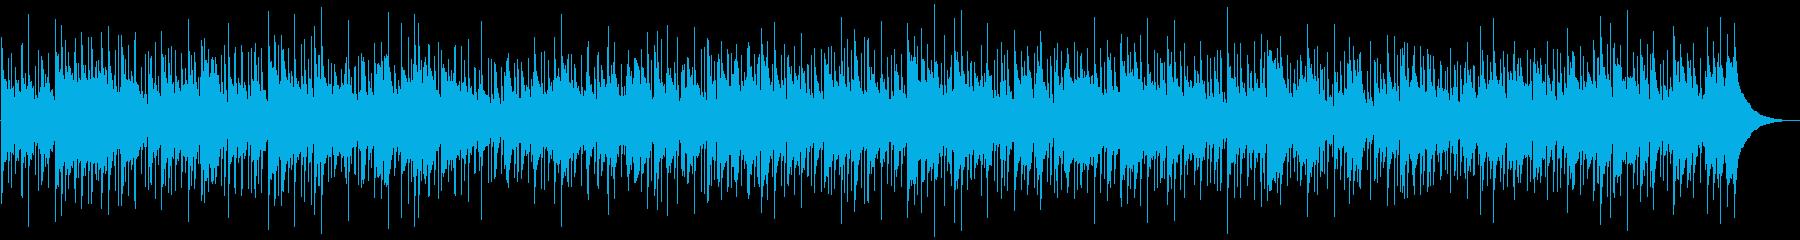 ほのぼの癒しのカントリーバラードの再生済みの波形